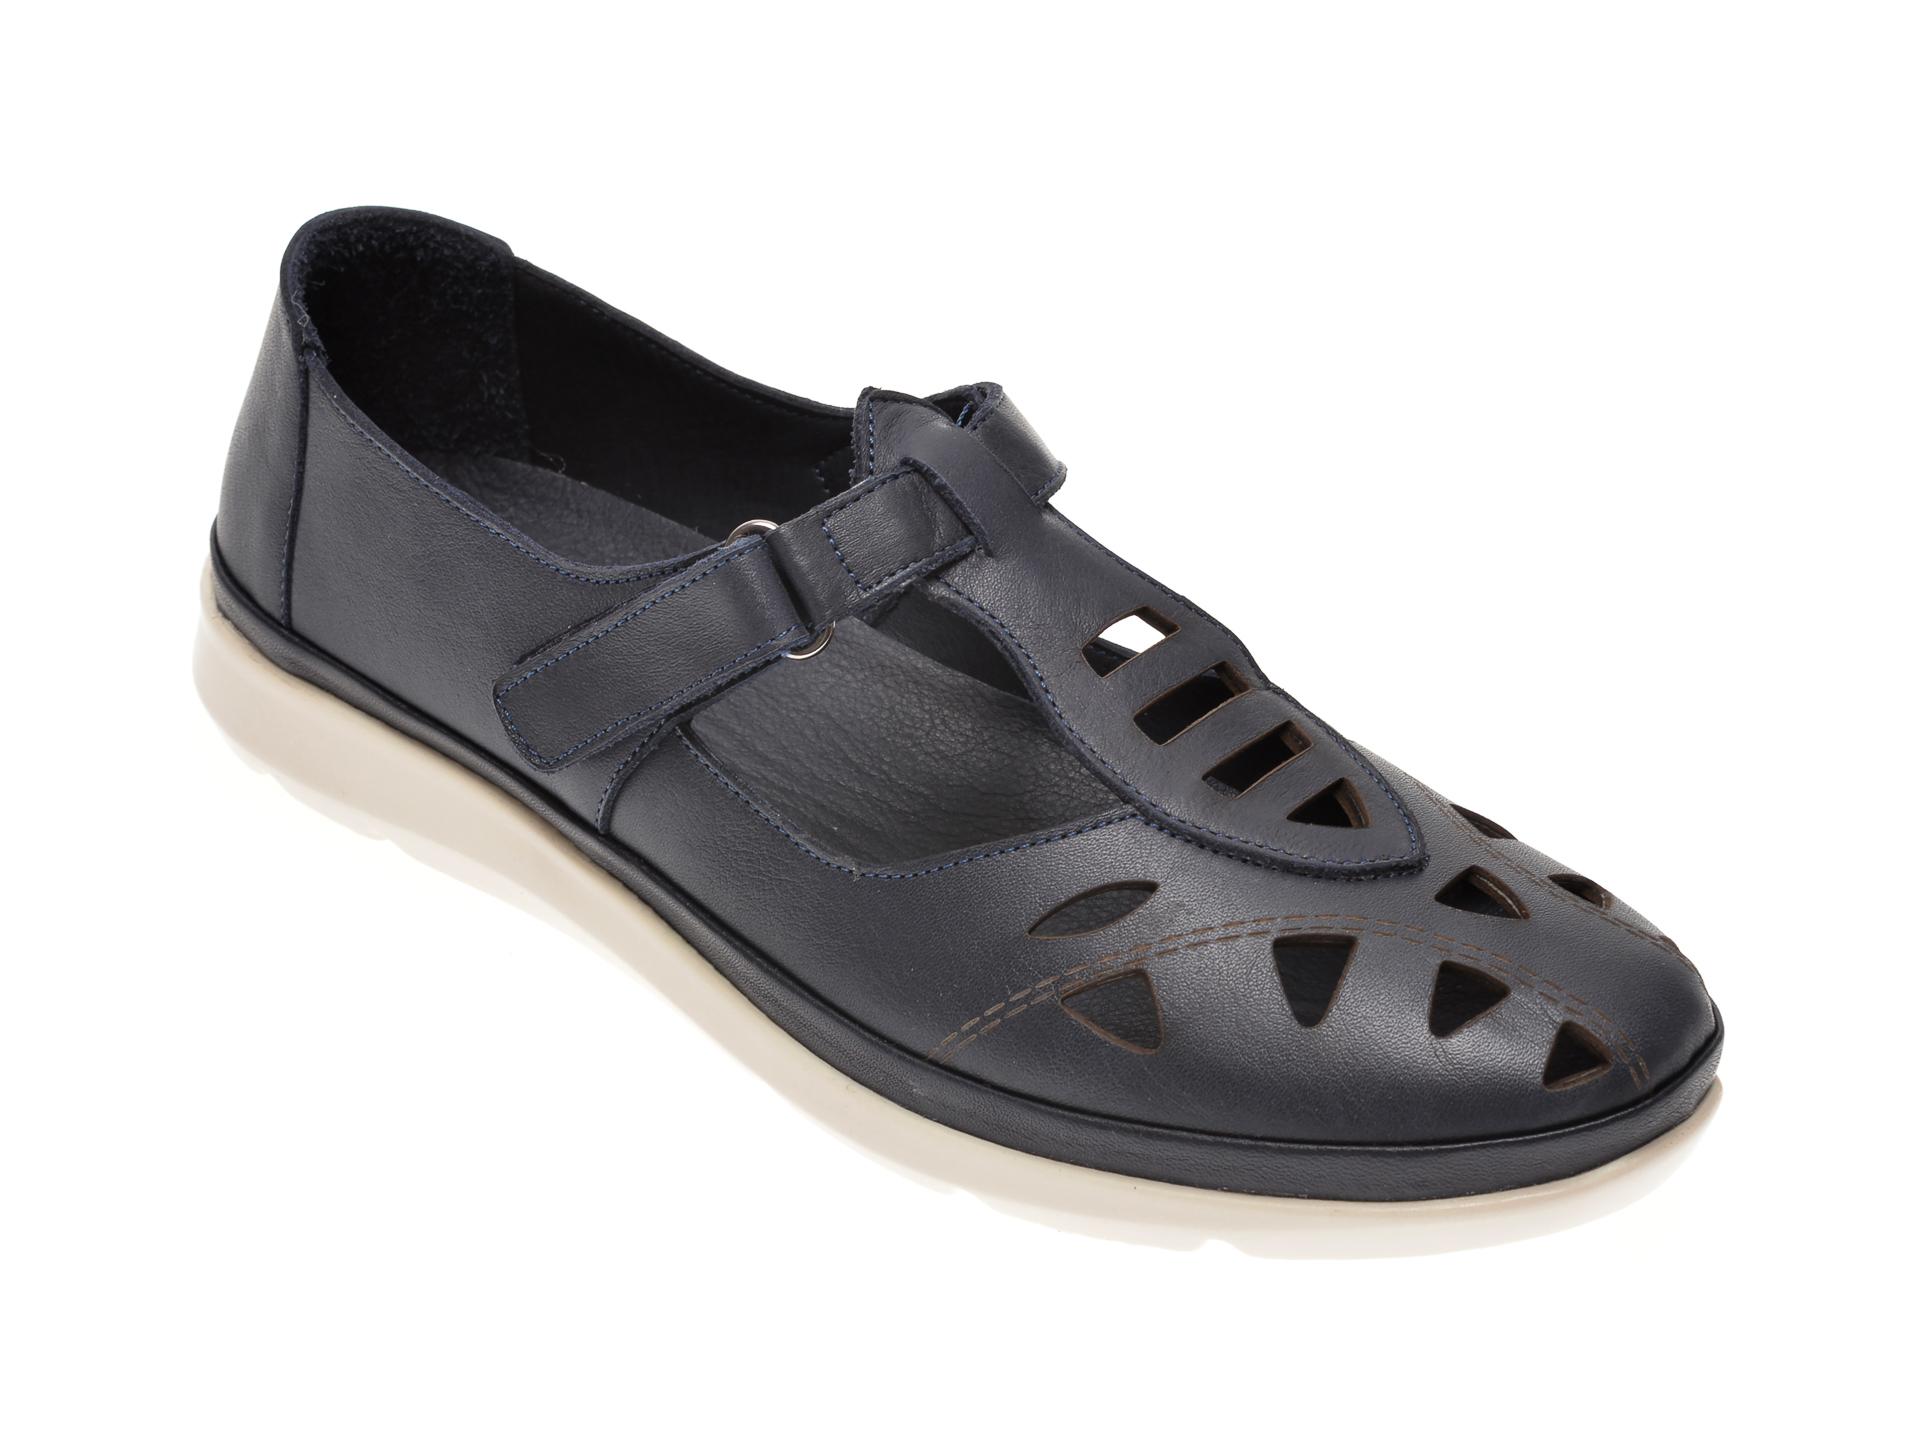 Pantofi MARCHA bleumarin, 609, din piele naturala